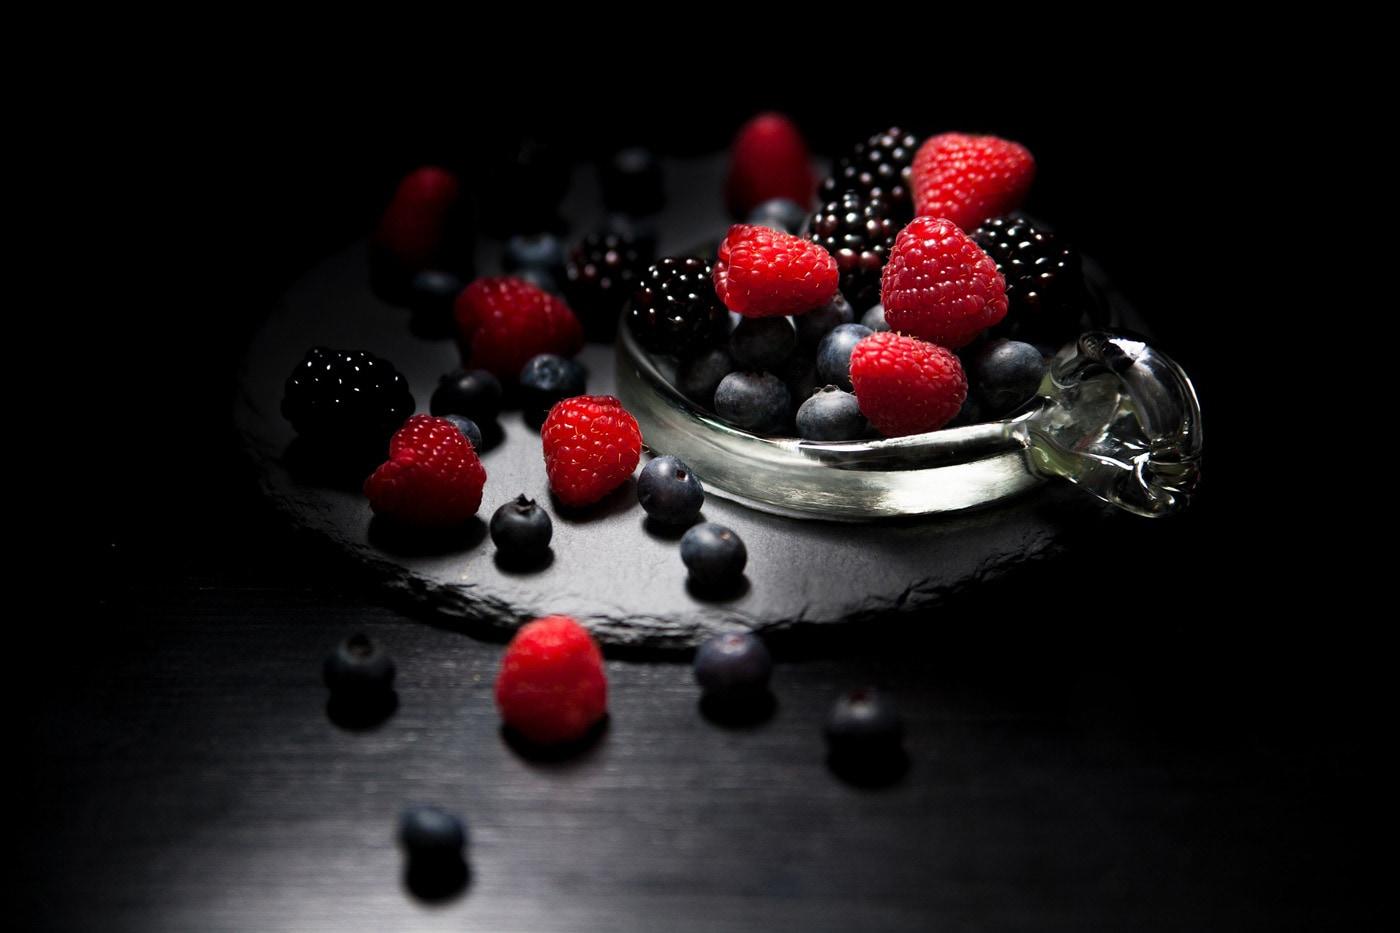 Foto di Cibo, Food - Foto Commerciali - Cefalu Fotografo